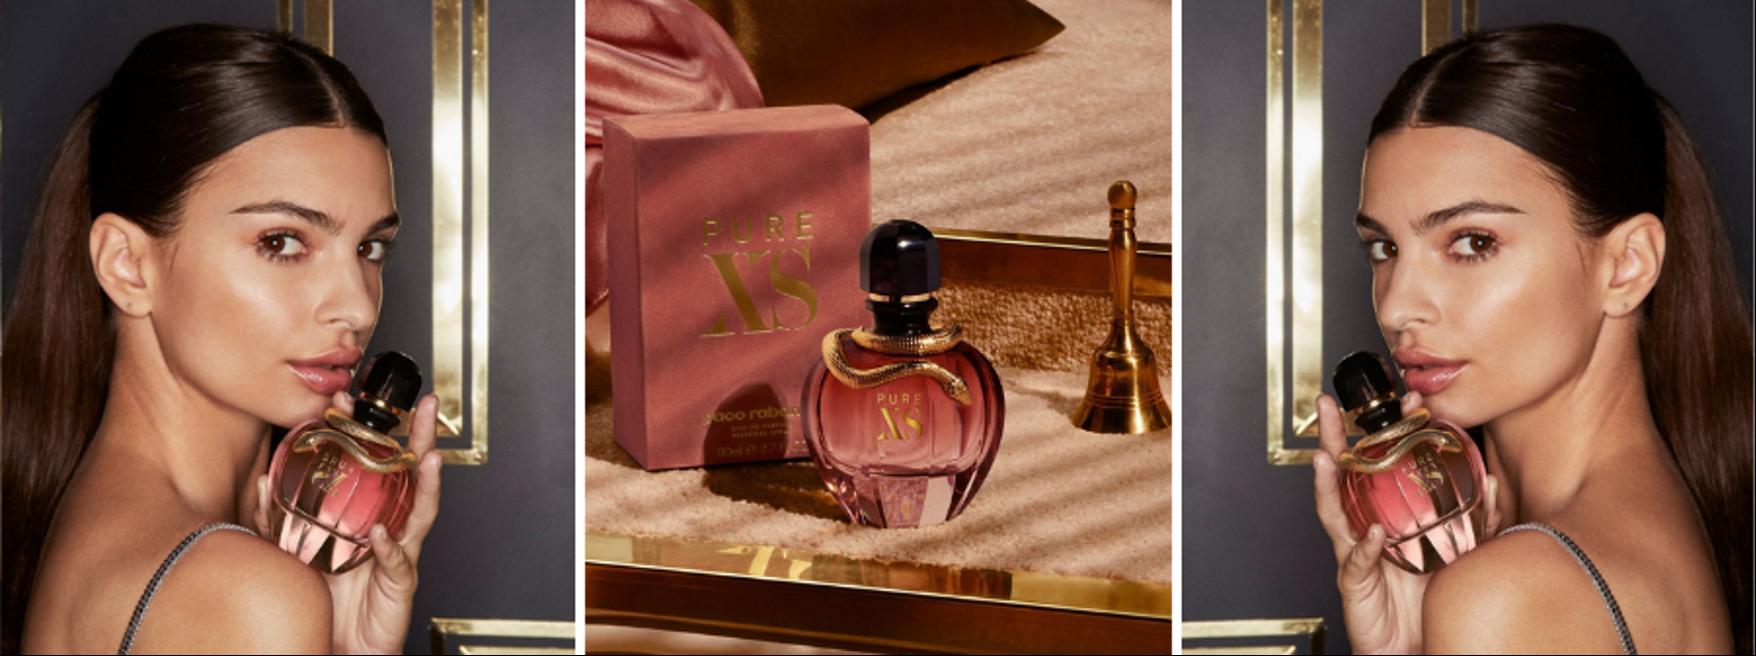 Pure XS Feminino Perfumer, perfumer pure Xs Feminino 30ml Paco rabanne